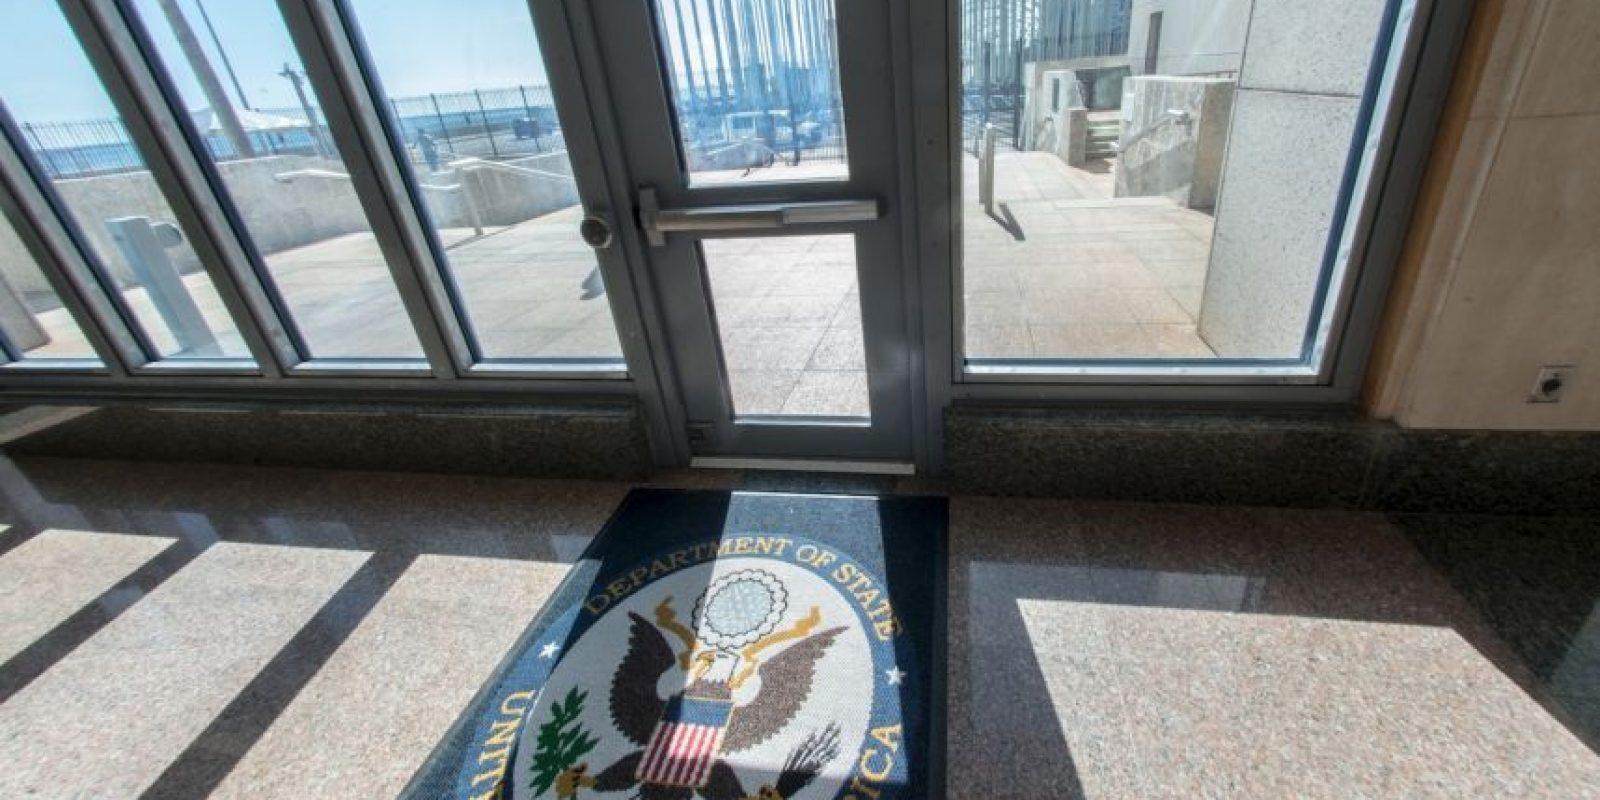 La embajada cubana en Estados Unidos se abrió el pasado 20 de julio. Foto:AFP